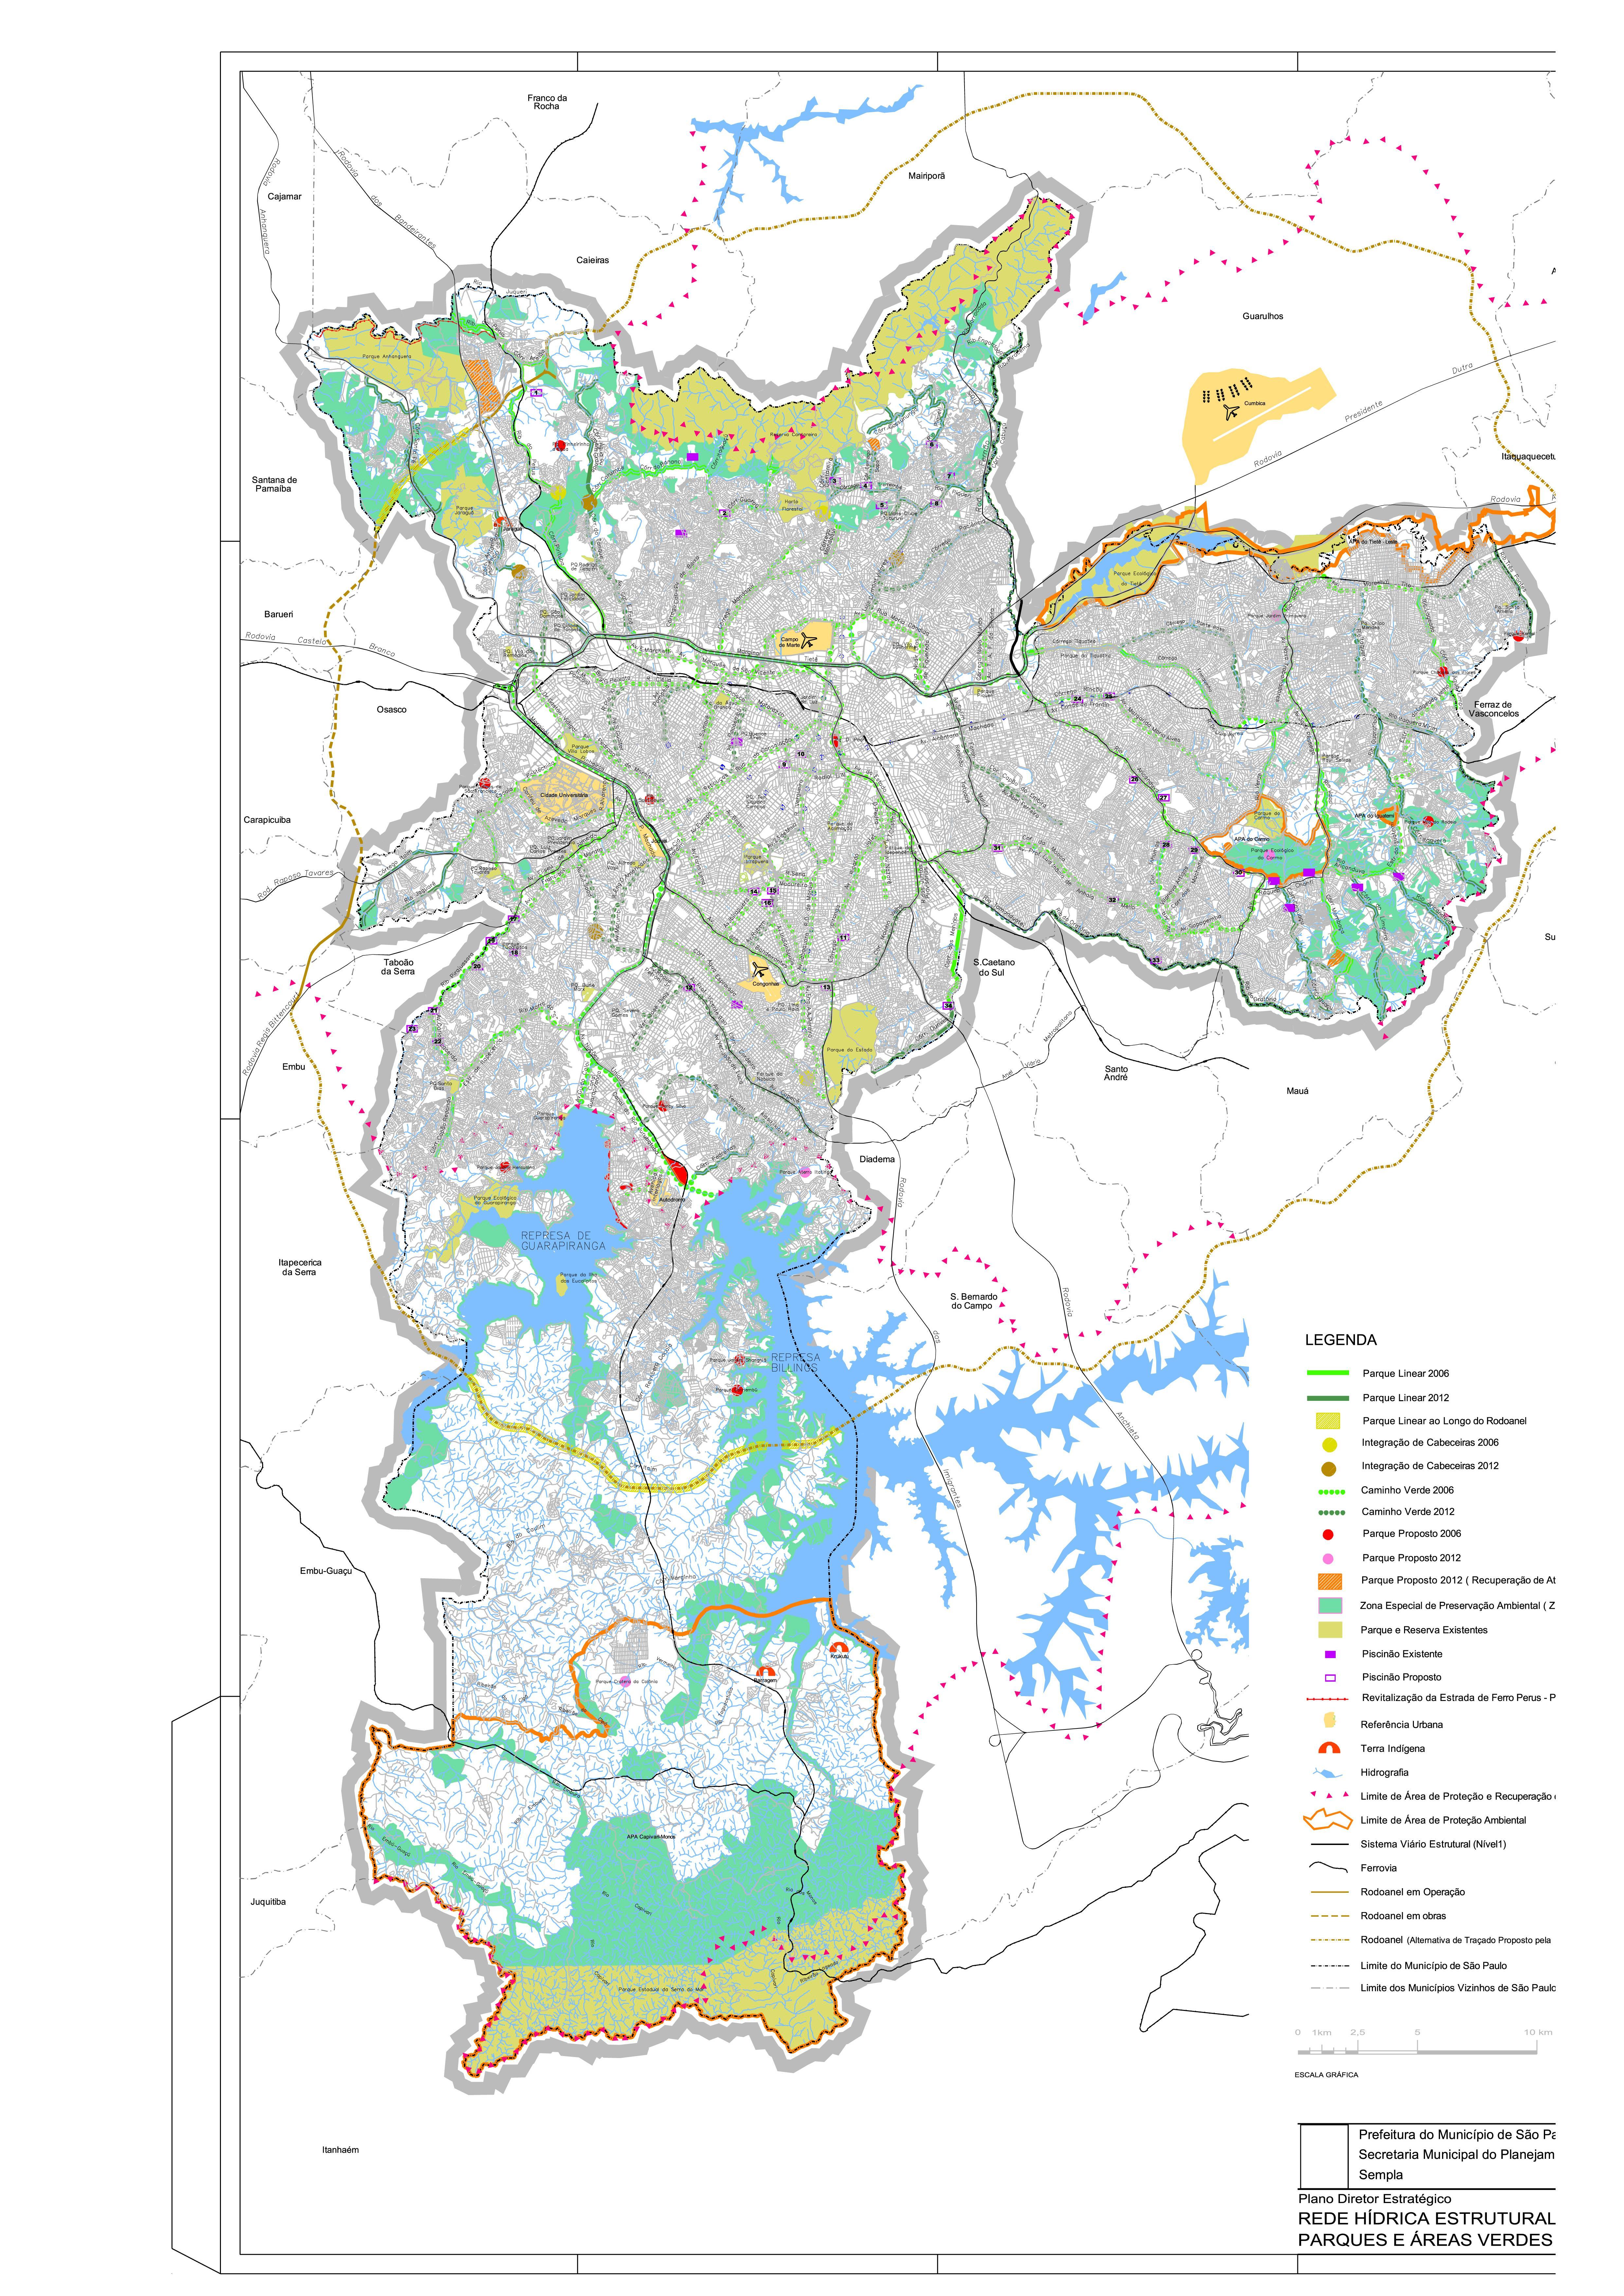 Mapa Hidrográfico de la Ciudad de São Paulo, Brasil